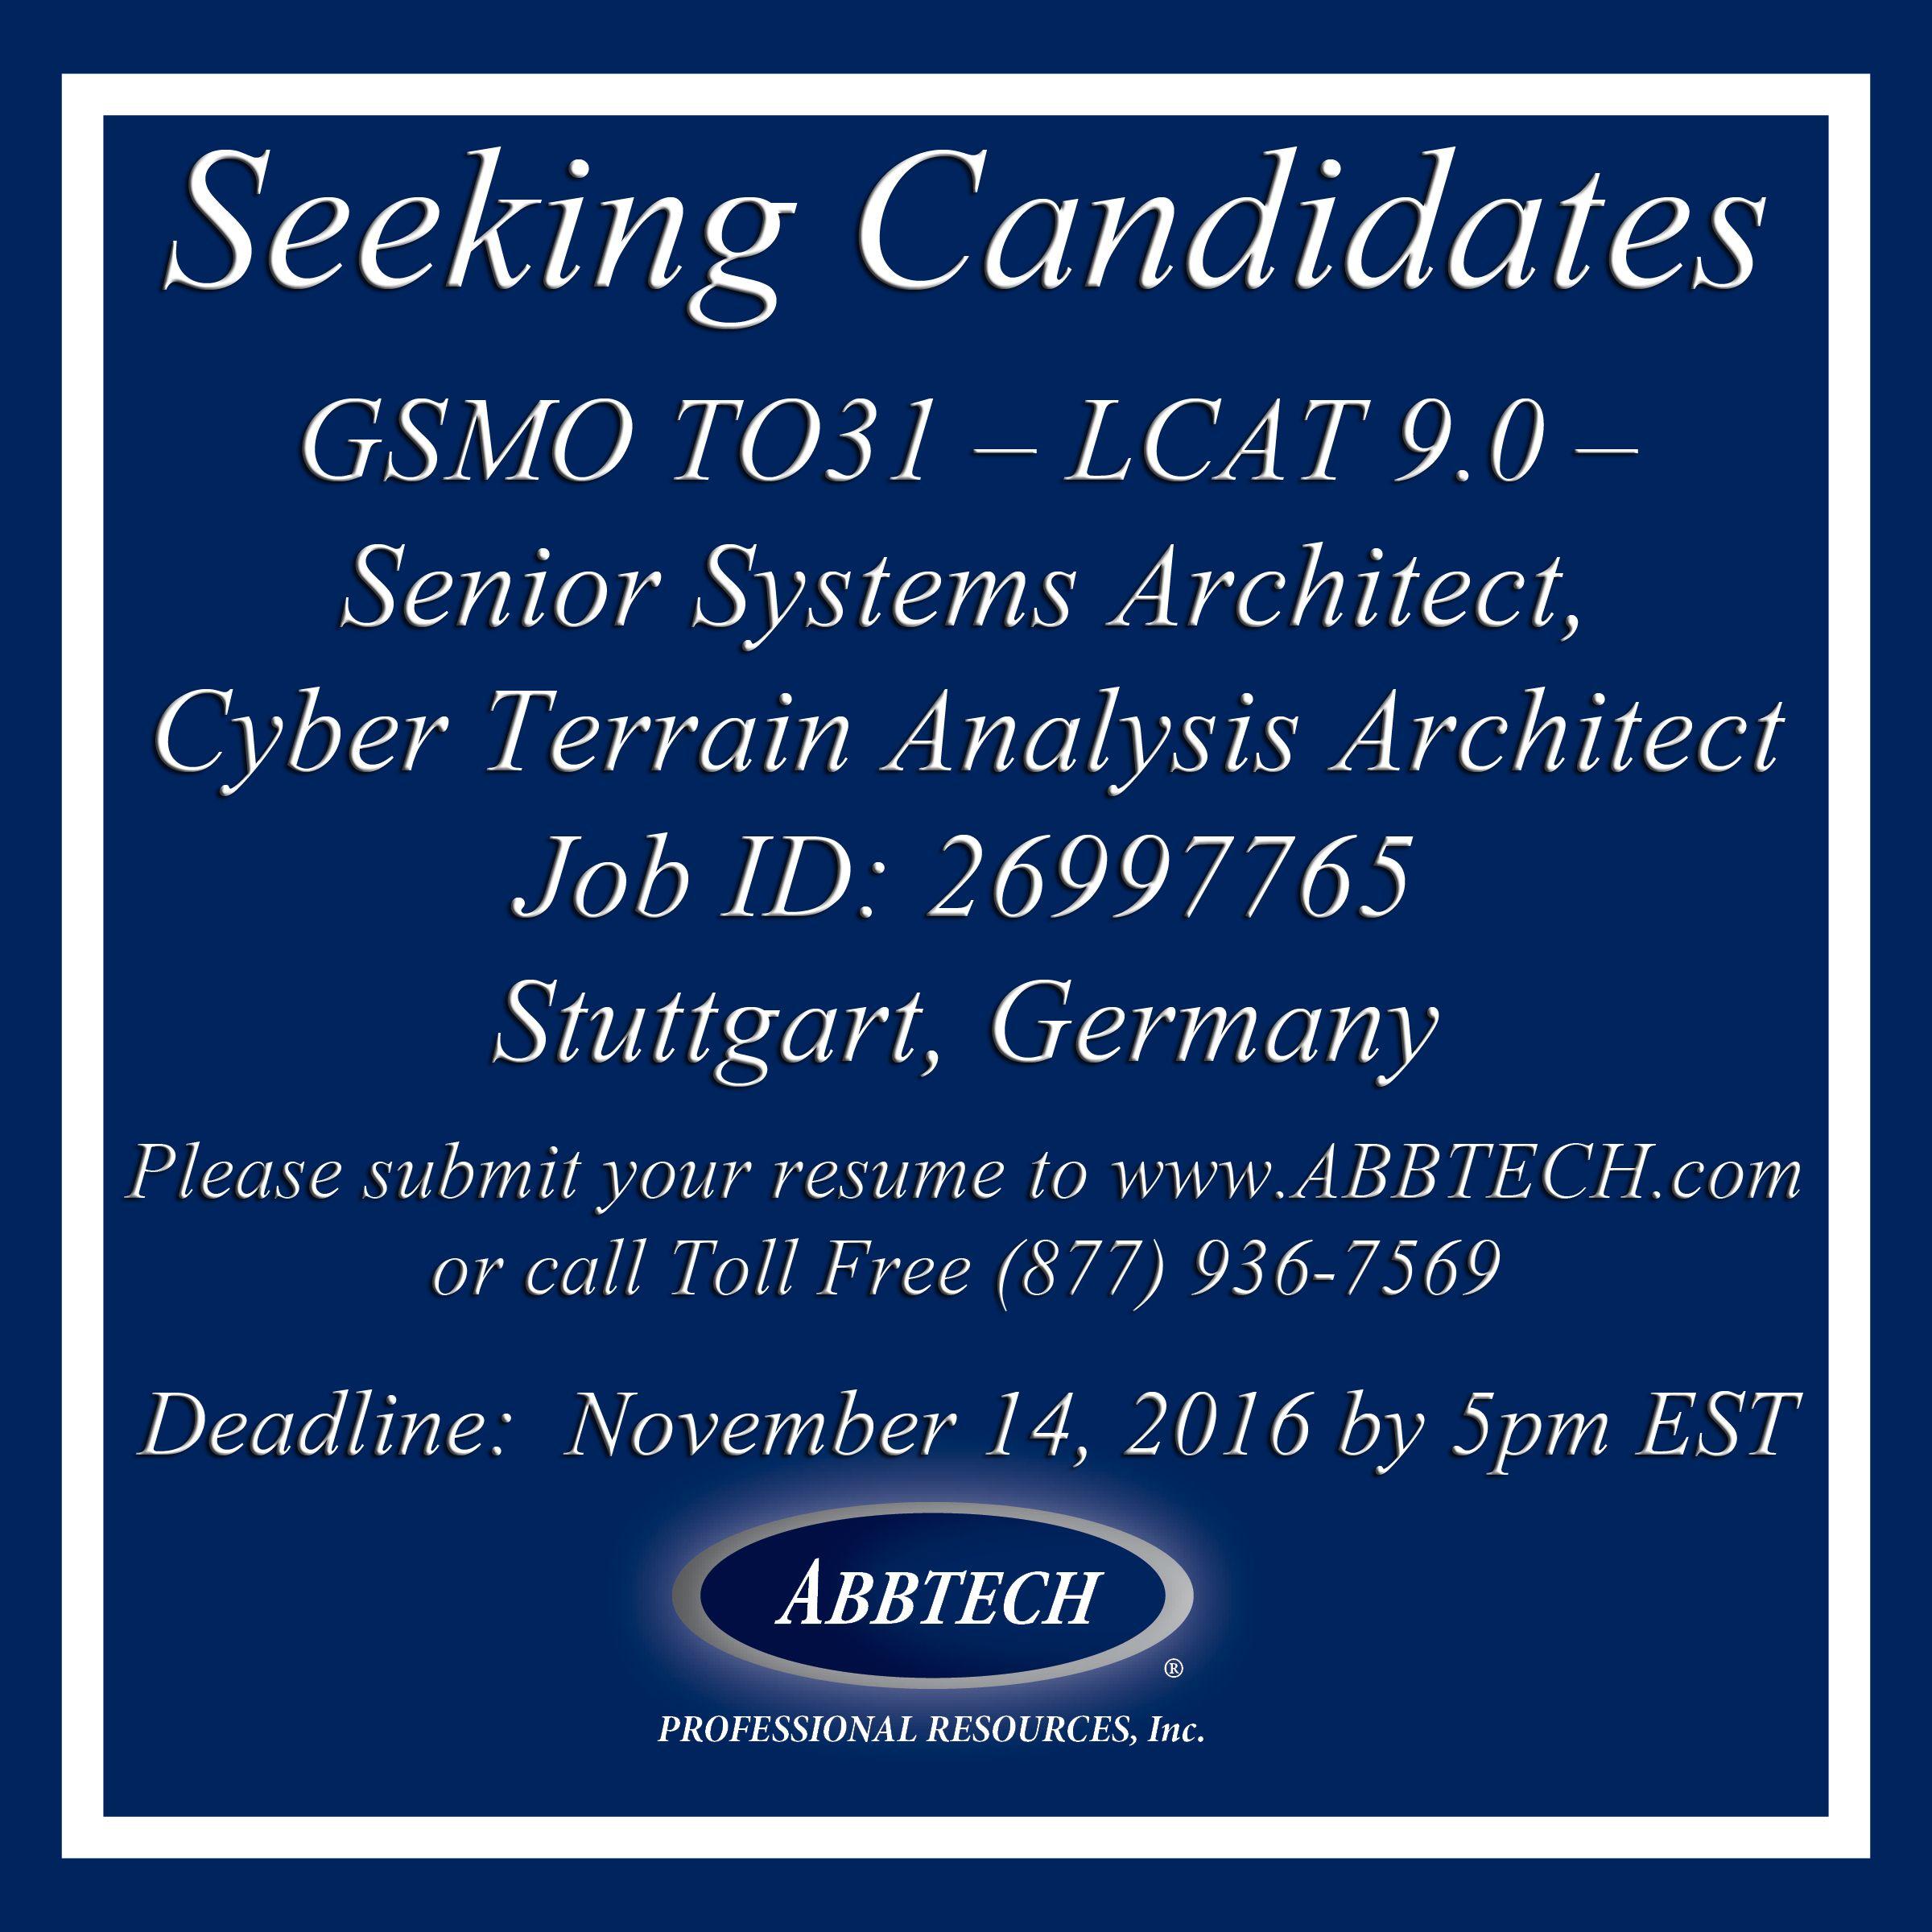 Job Board Job Opening Job Hunting Job Posting